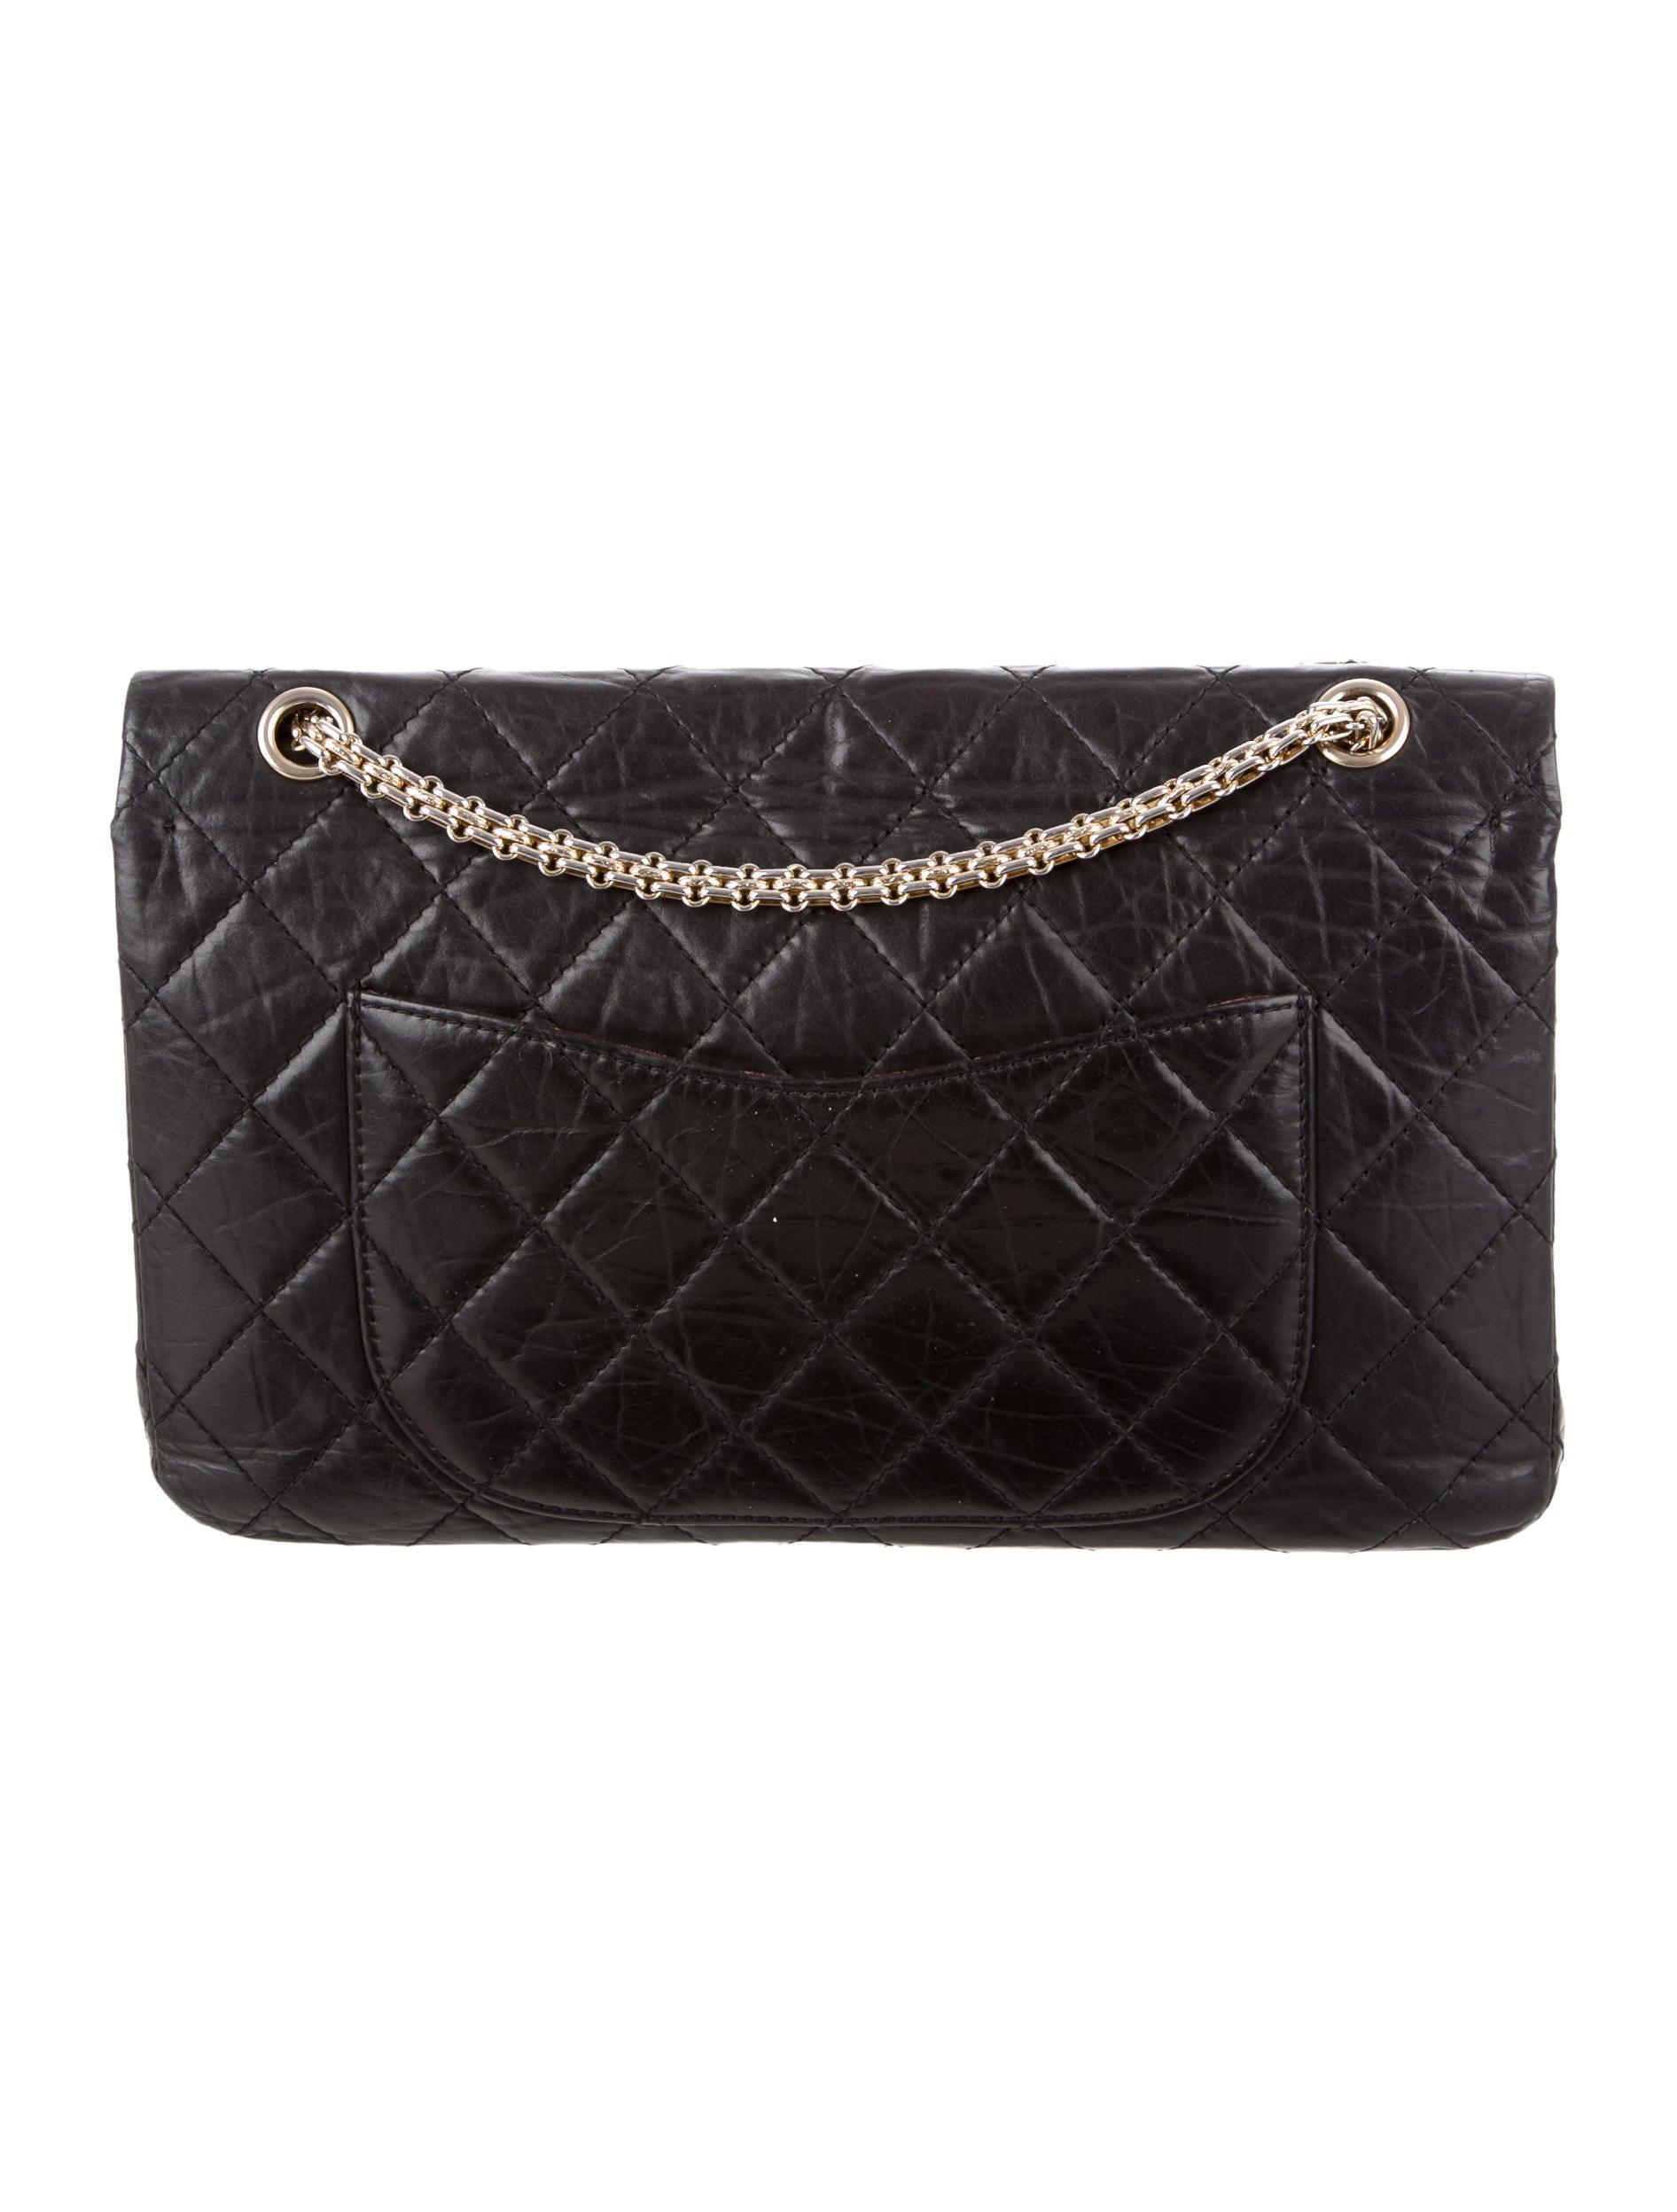 chanel anniversary 2 55 reissue 227 flap bag handbags